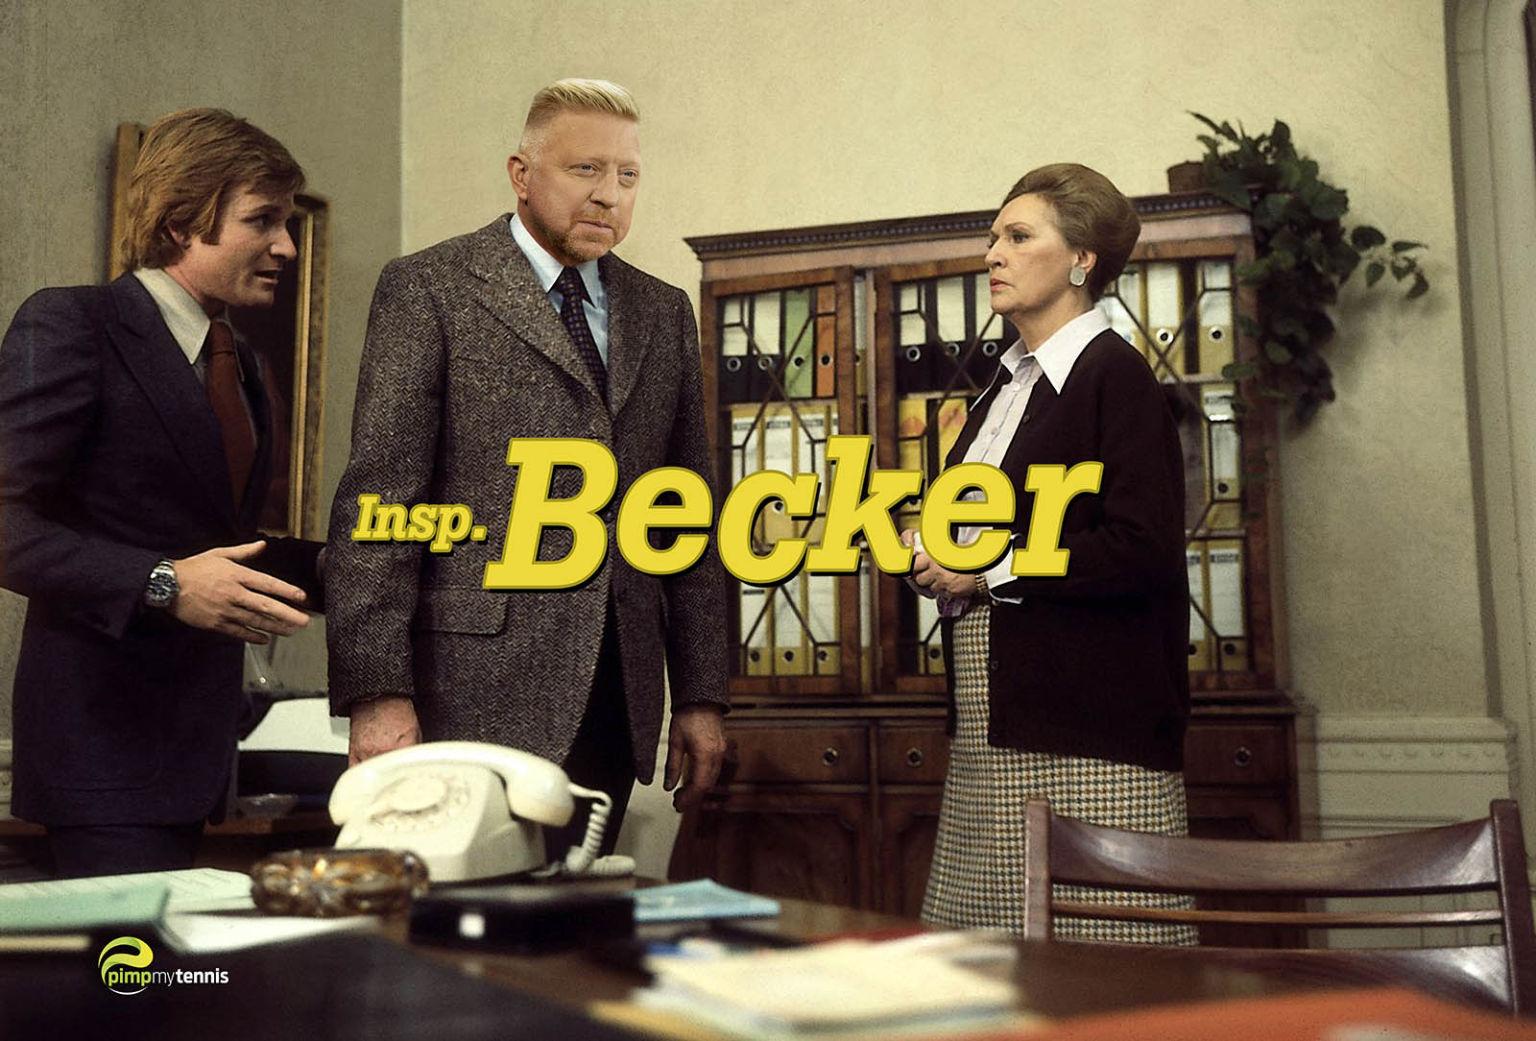 Boris.Becker_Insp.Derrick_German.Power.1985_M.jpg http://pimpmytennis.com/boris-becker-derrick-german-power/